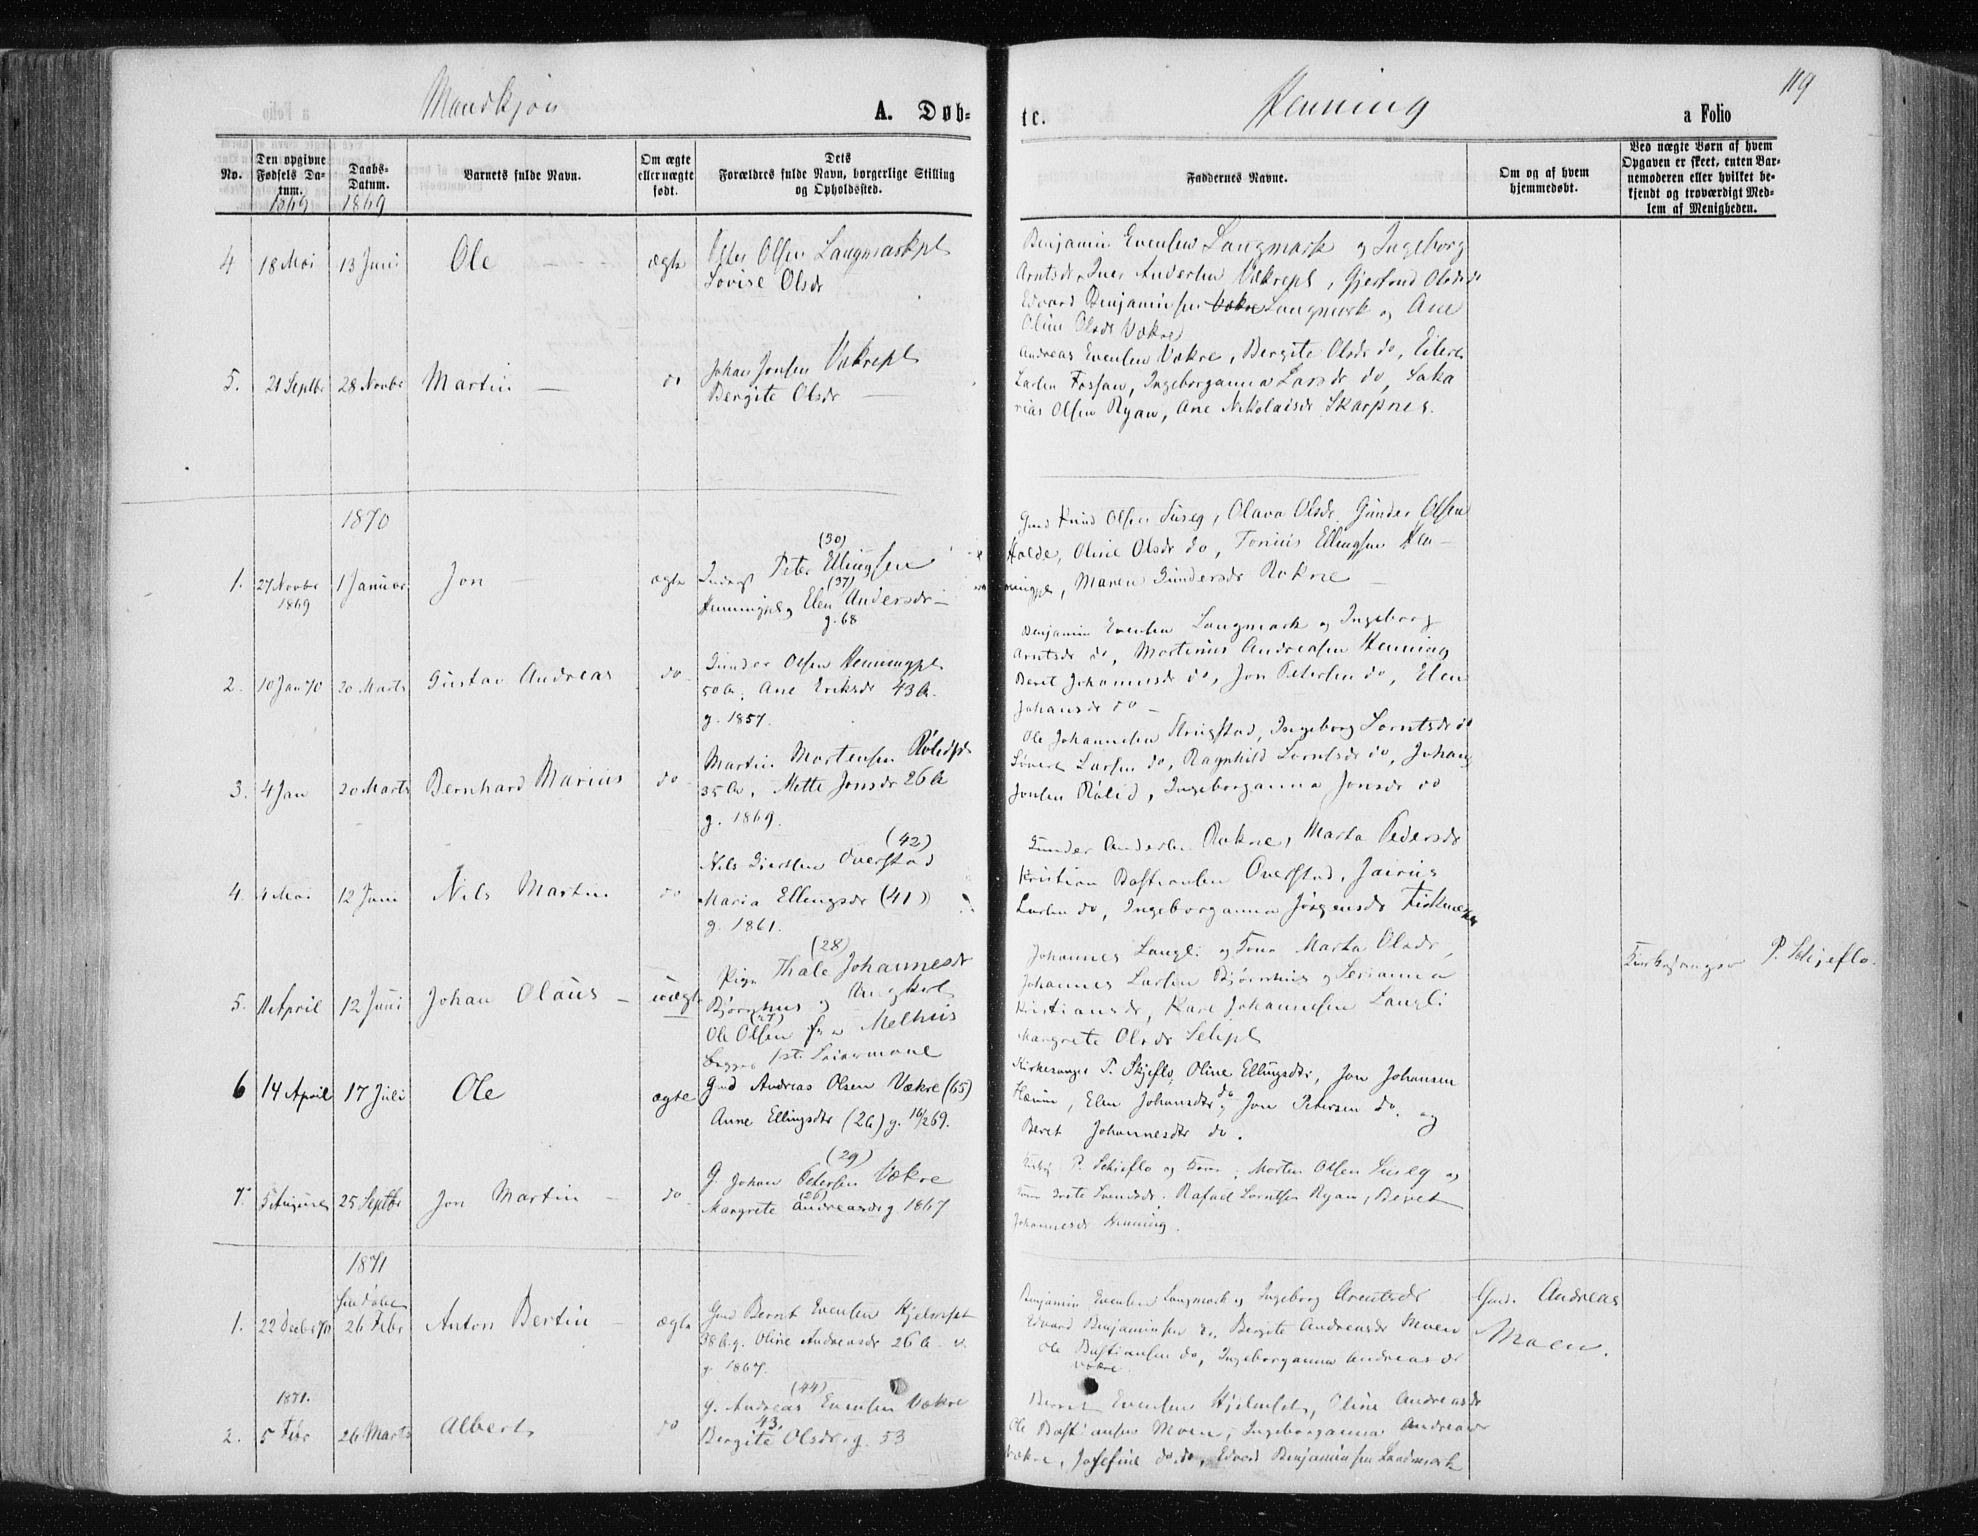 SAT, Ministerialprotokoller, klokkerbøker og fødselsregistre - Nord-Trøndelag, 735/L0345: Ministerialbok nr. 735A08 /3, 1863-1872, s. 119